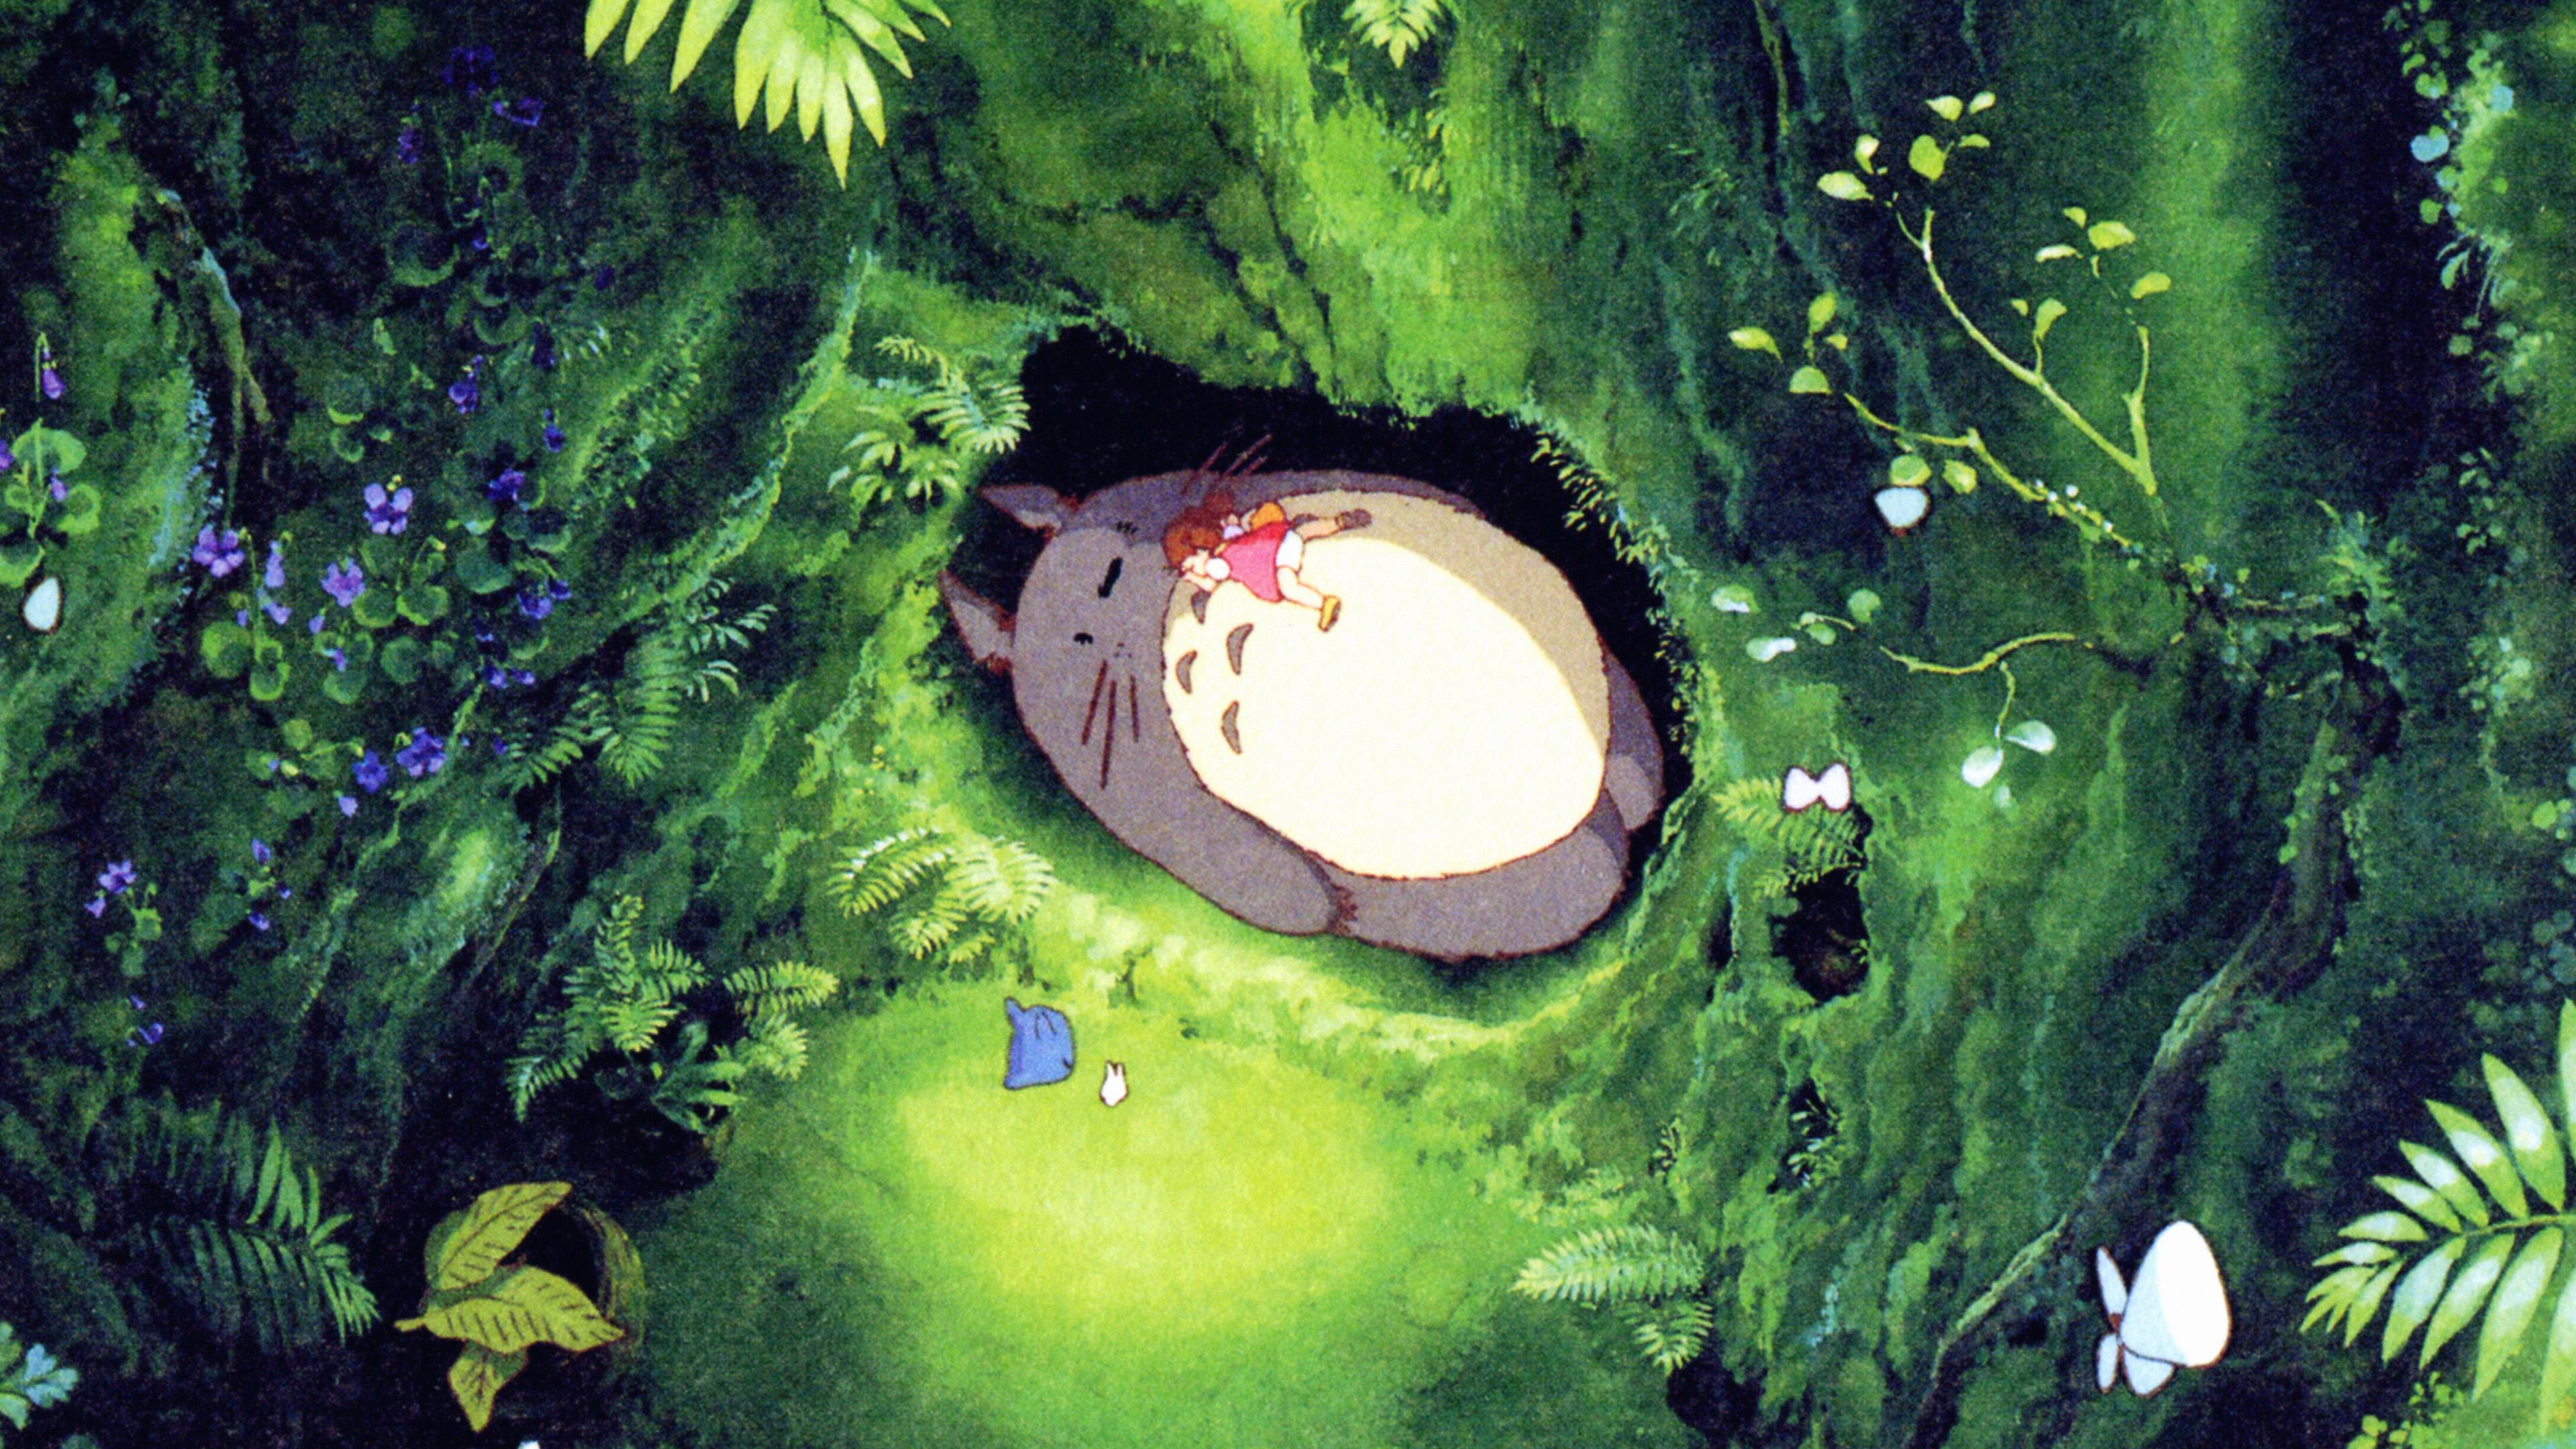 Wallpaper For Desktop Laptop Ap14 Japan Totoro Art Green Anime Illustration